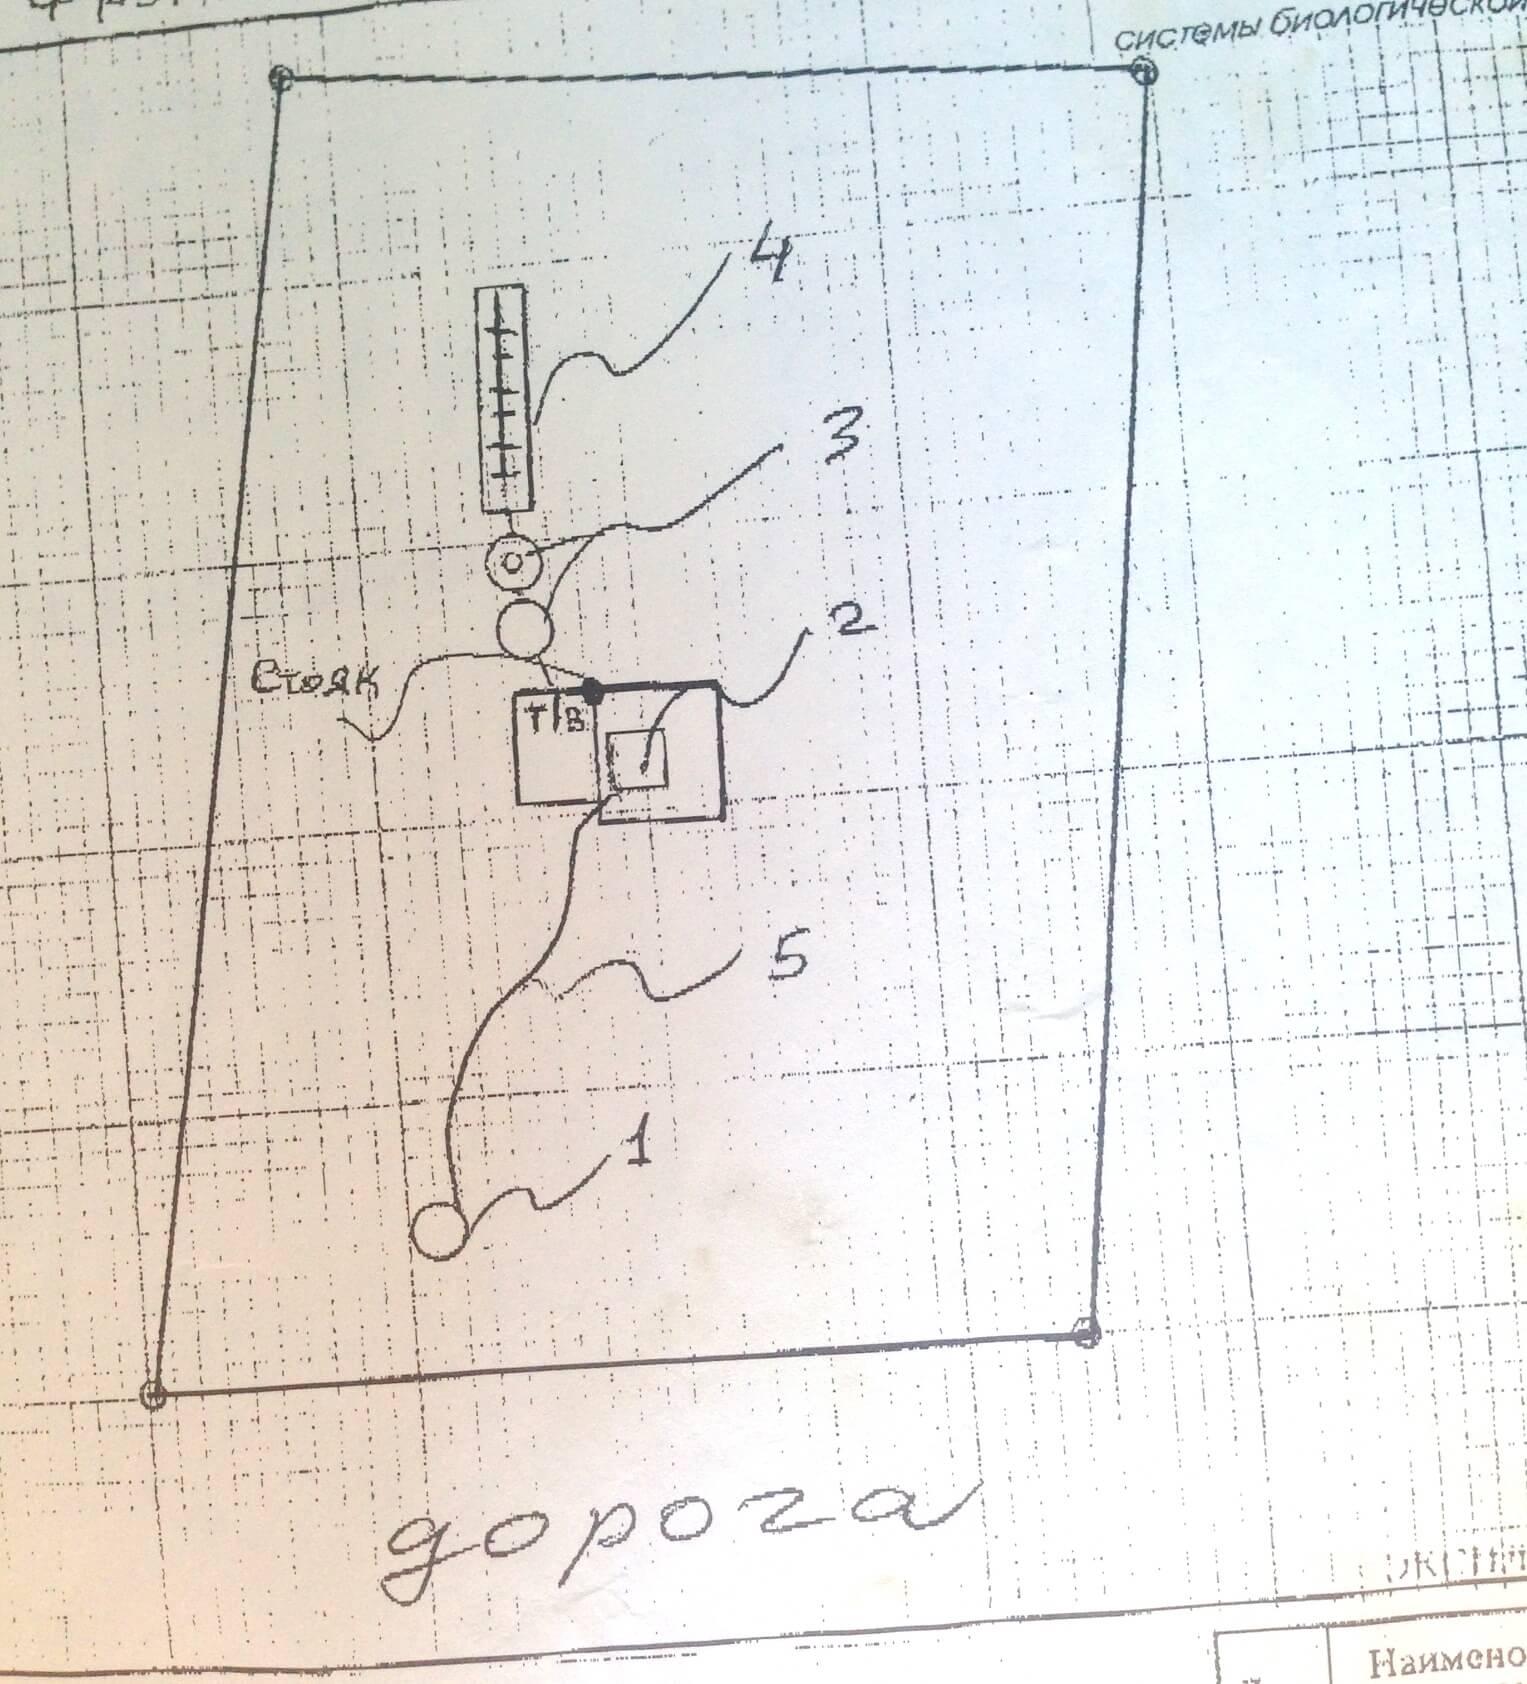 Топографическая съемка для газоснабжения сдача в экспертизу